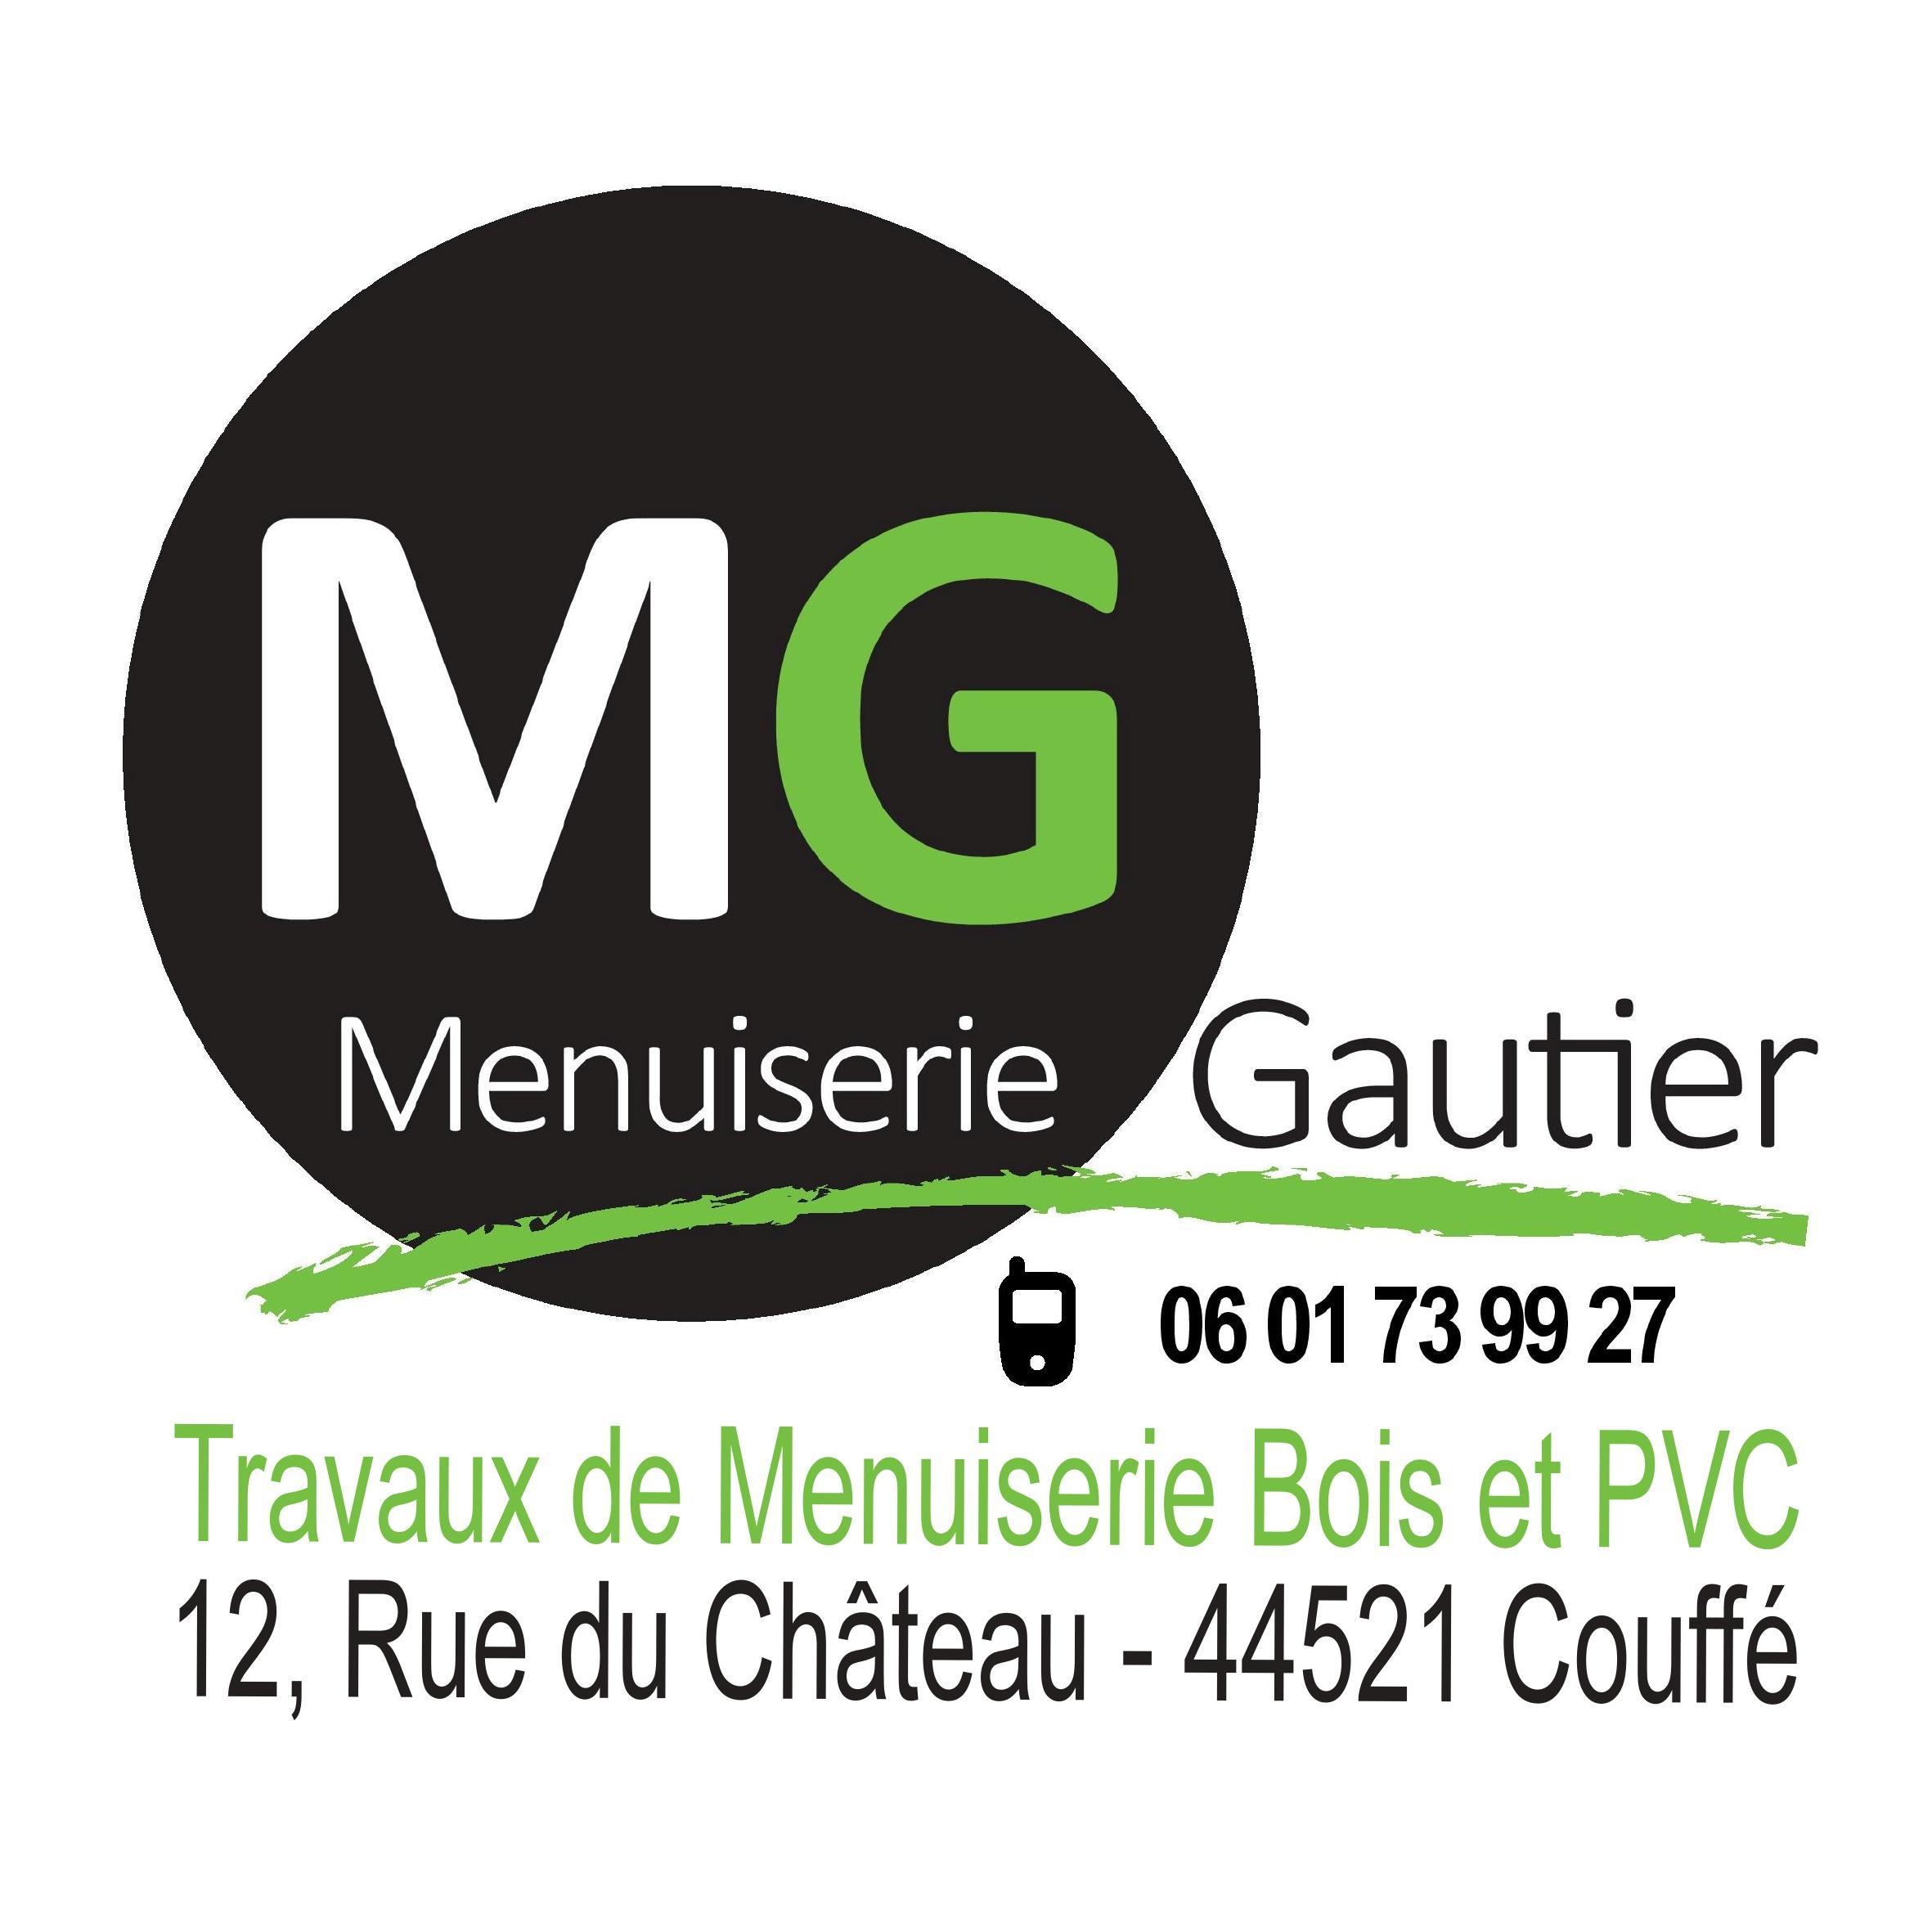 menuiserie GAUTIER